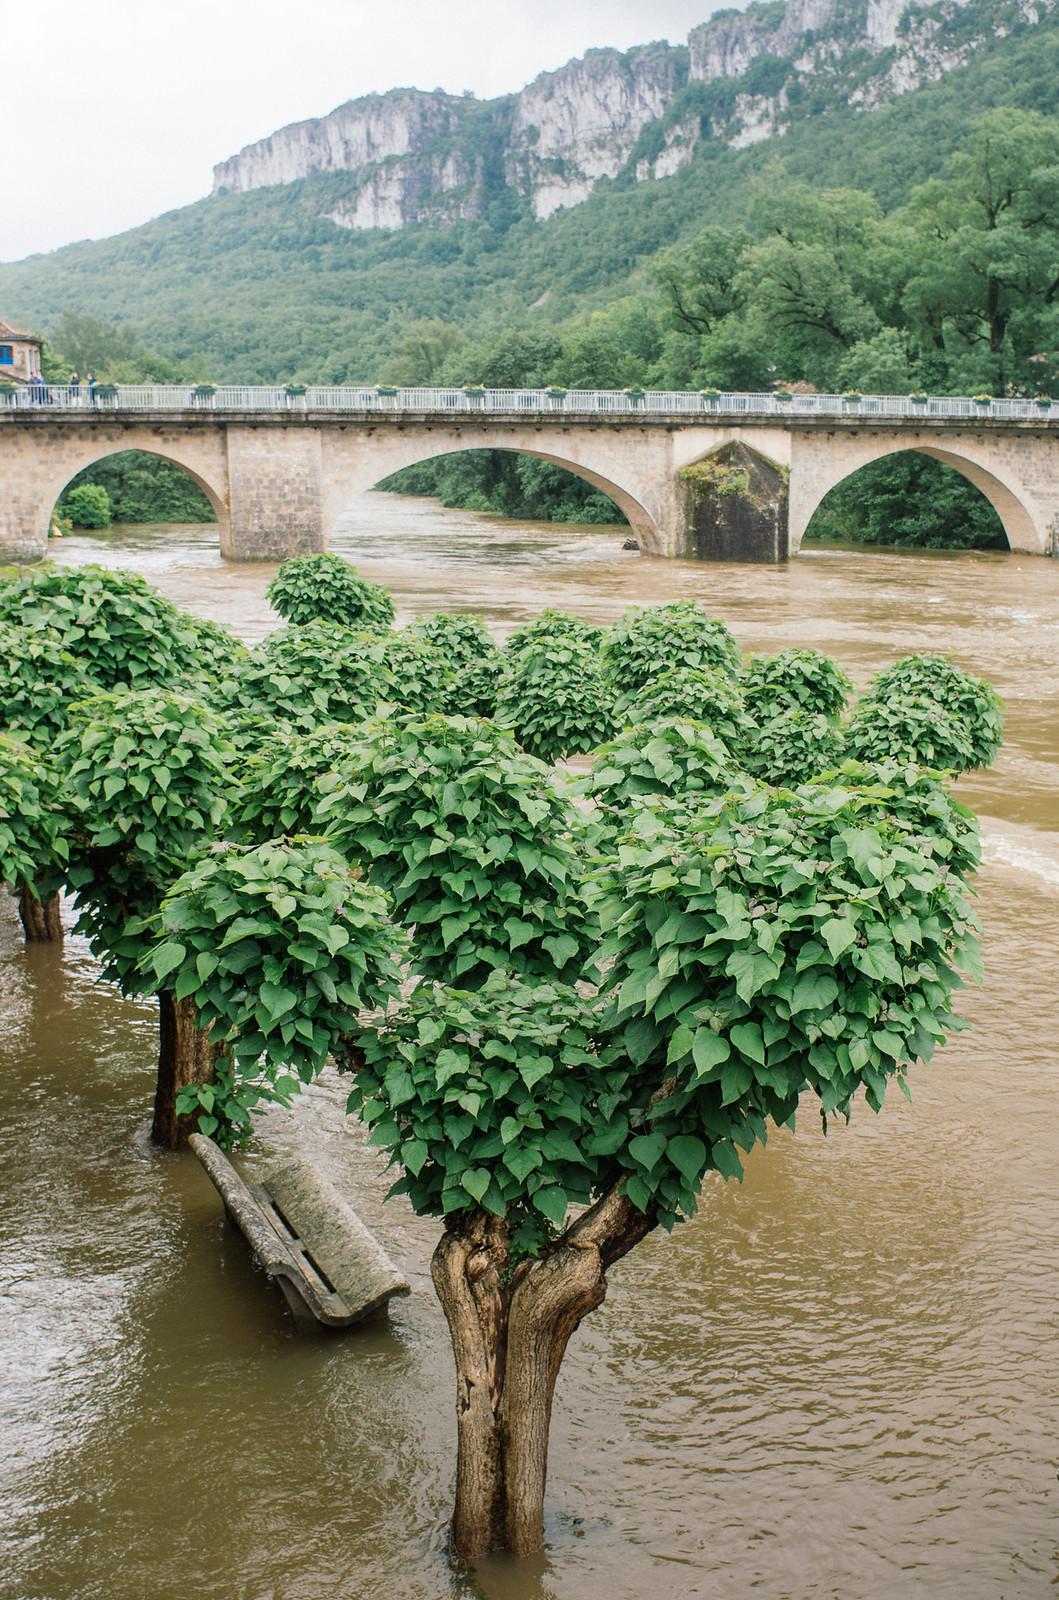 Randonnée dans les gorges de l'Aveyron sur le GR46 - Saint Antonin Noble Val sous l'eau